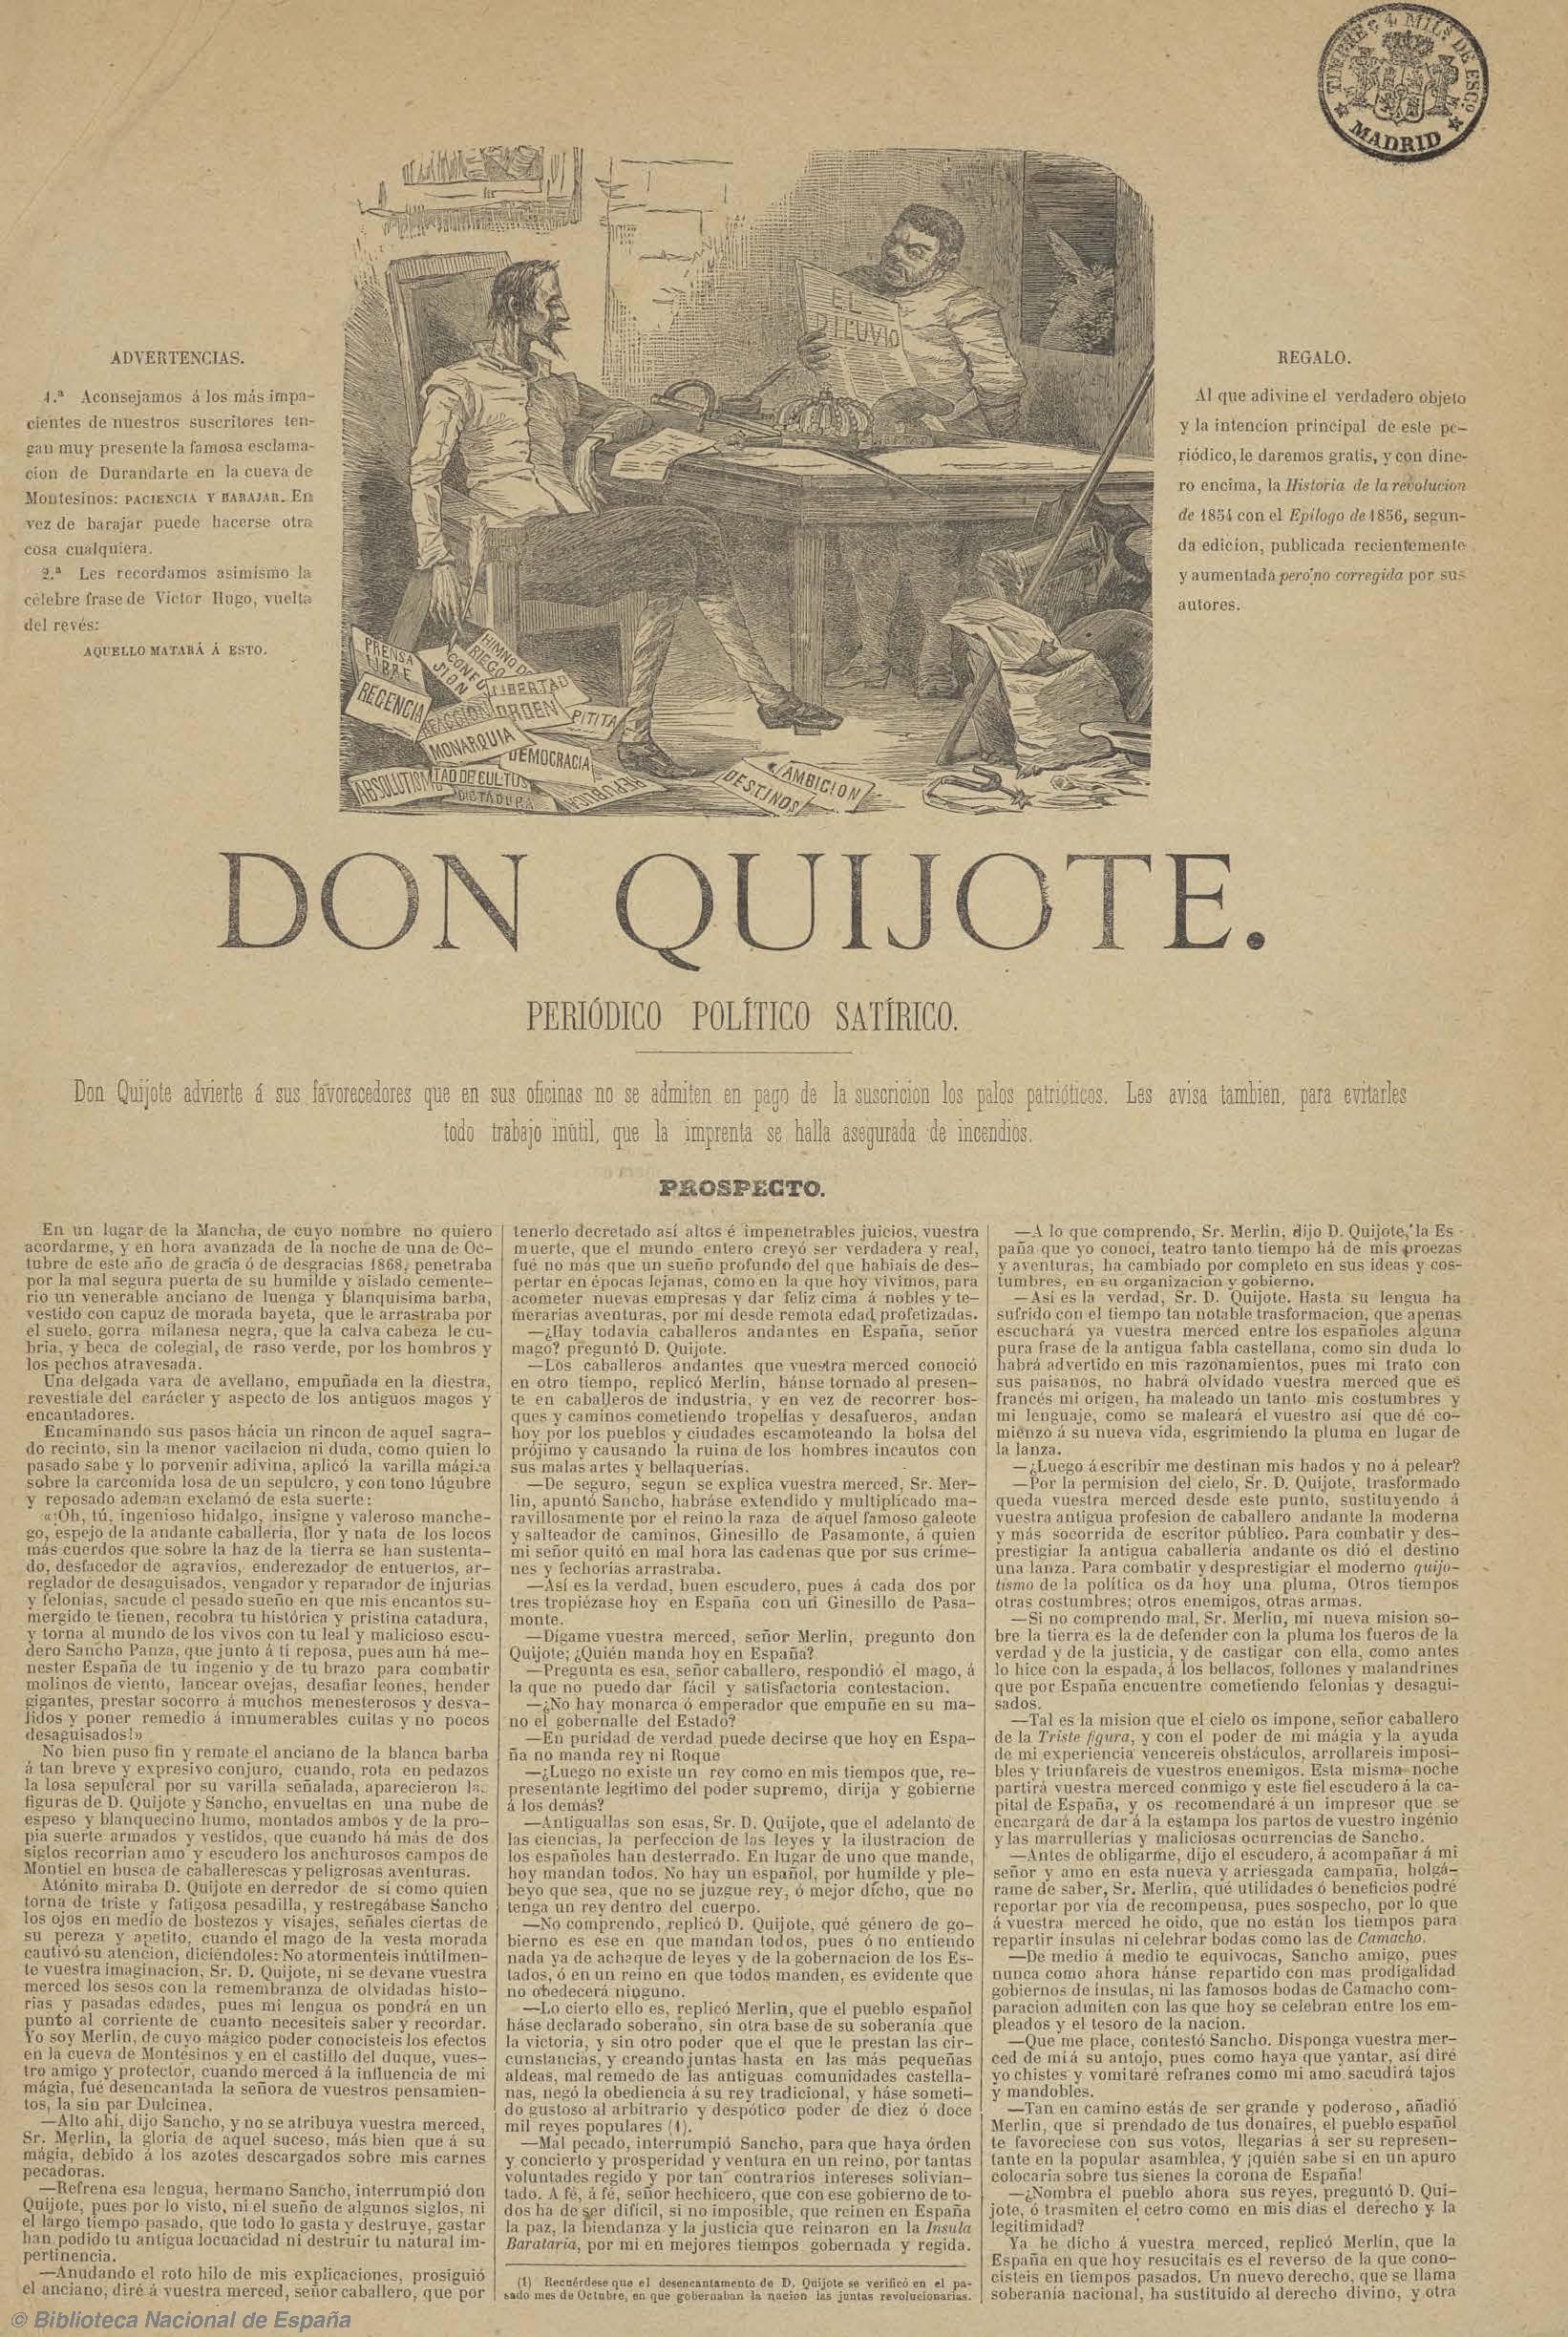 Don Quijote (Madrid. 1869) [fuente: Biblioteca Nacional de España]